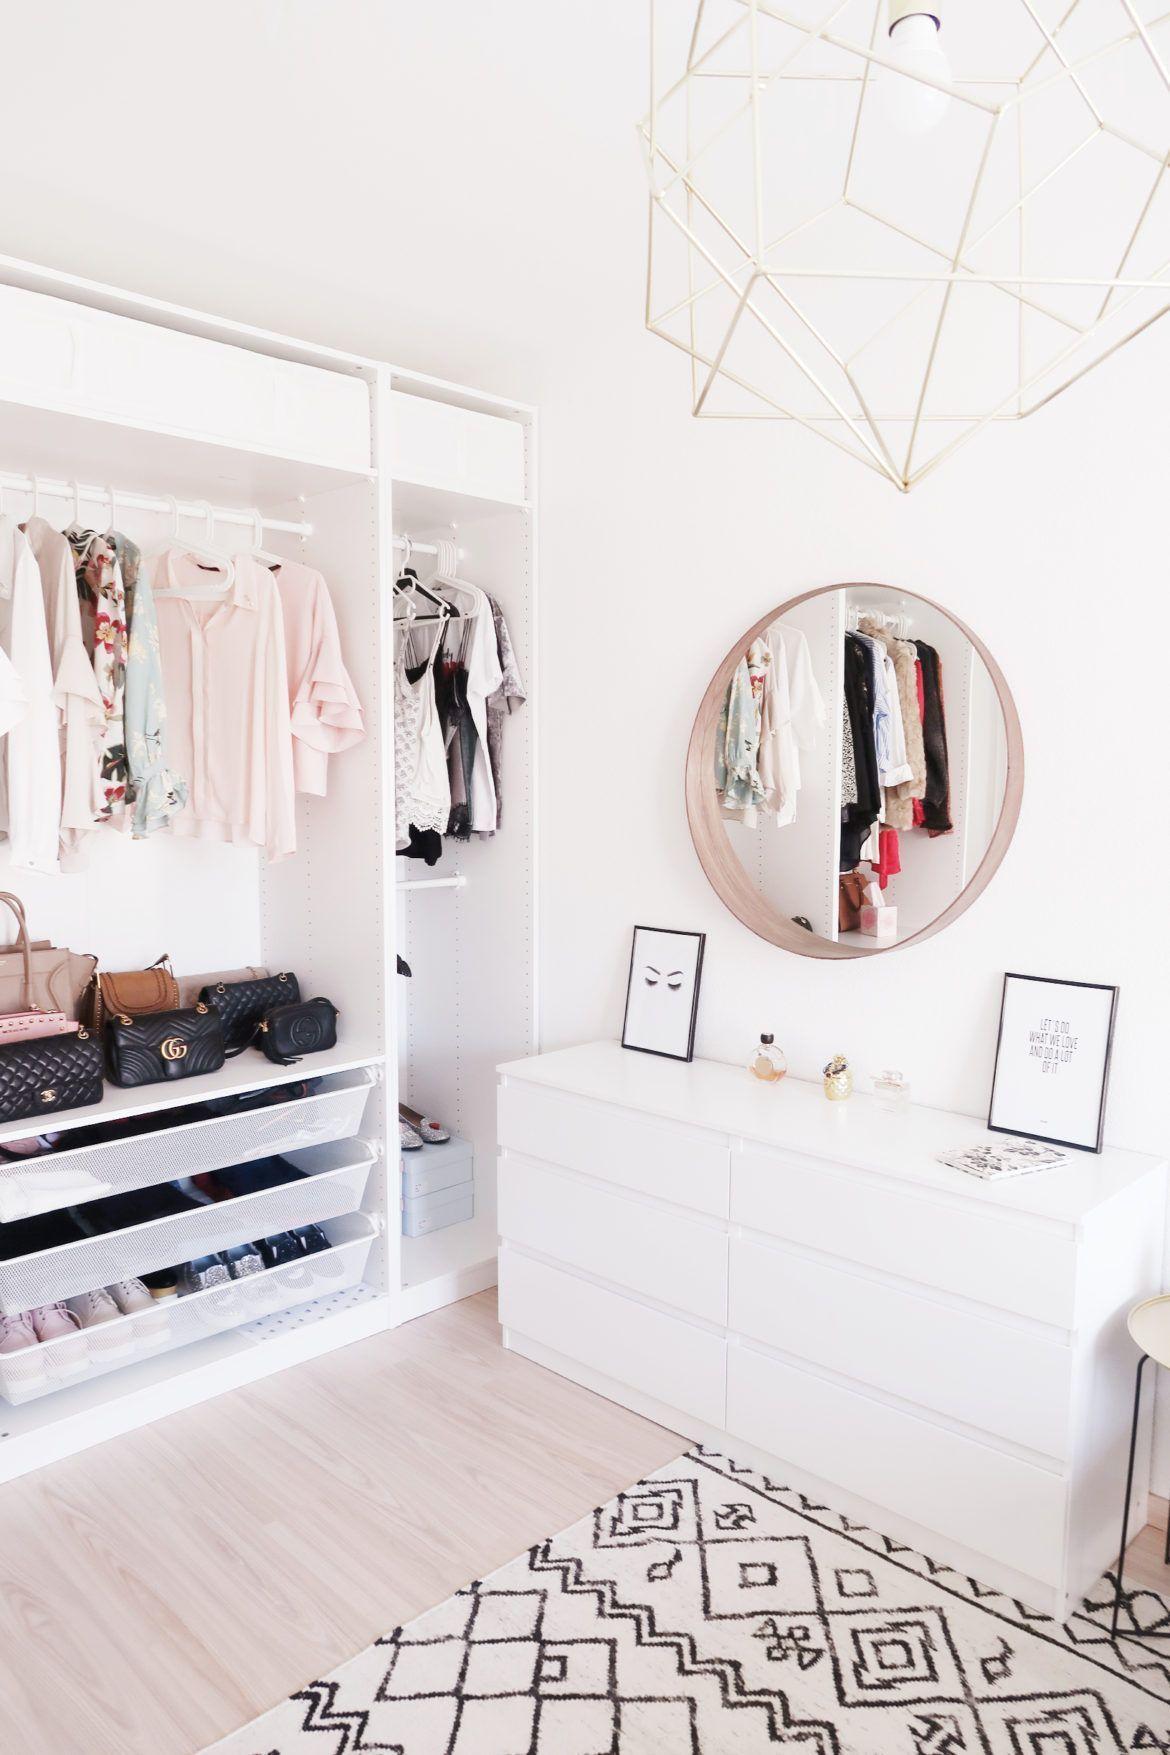 minimalist bedroom ideas to inspire you my room pinterest dormitorio deco diy decoracion habitacion and recamara also rh co